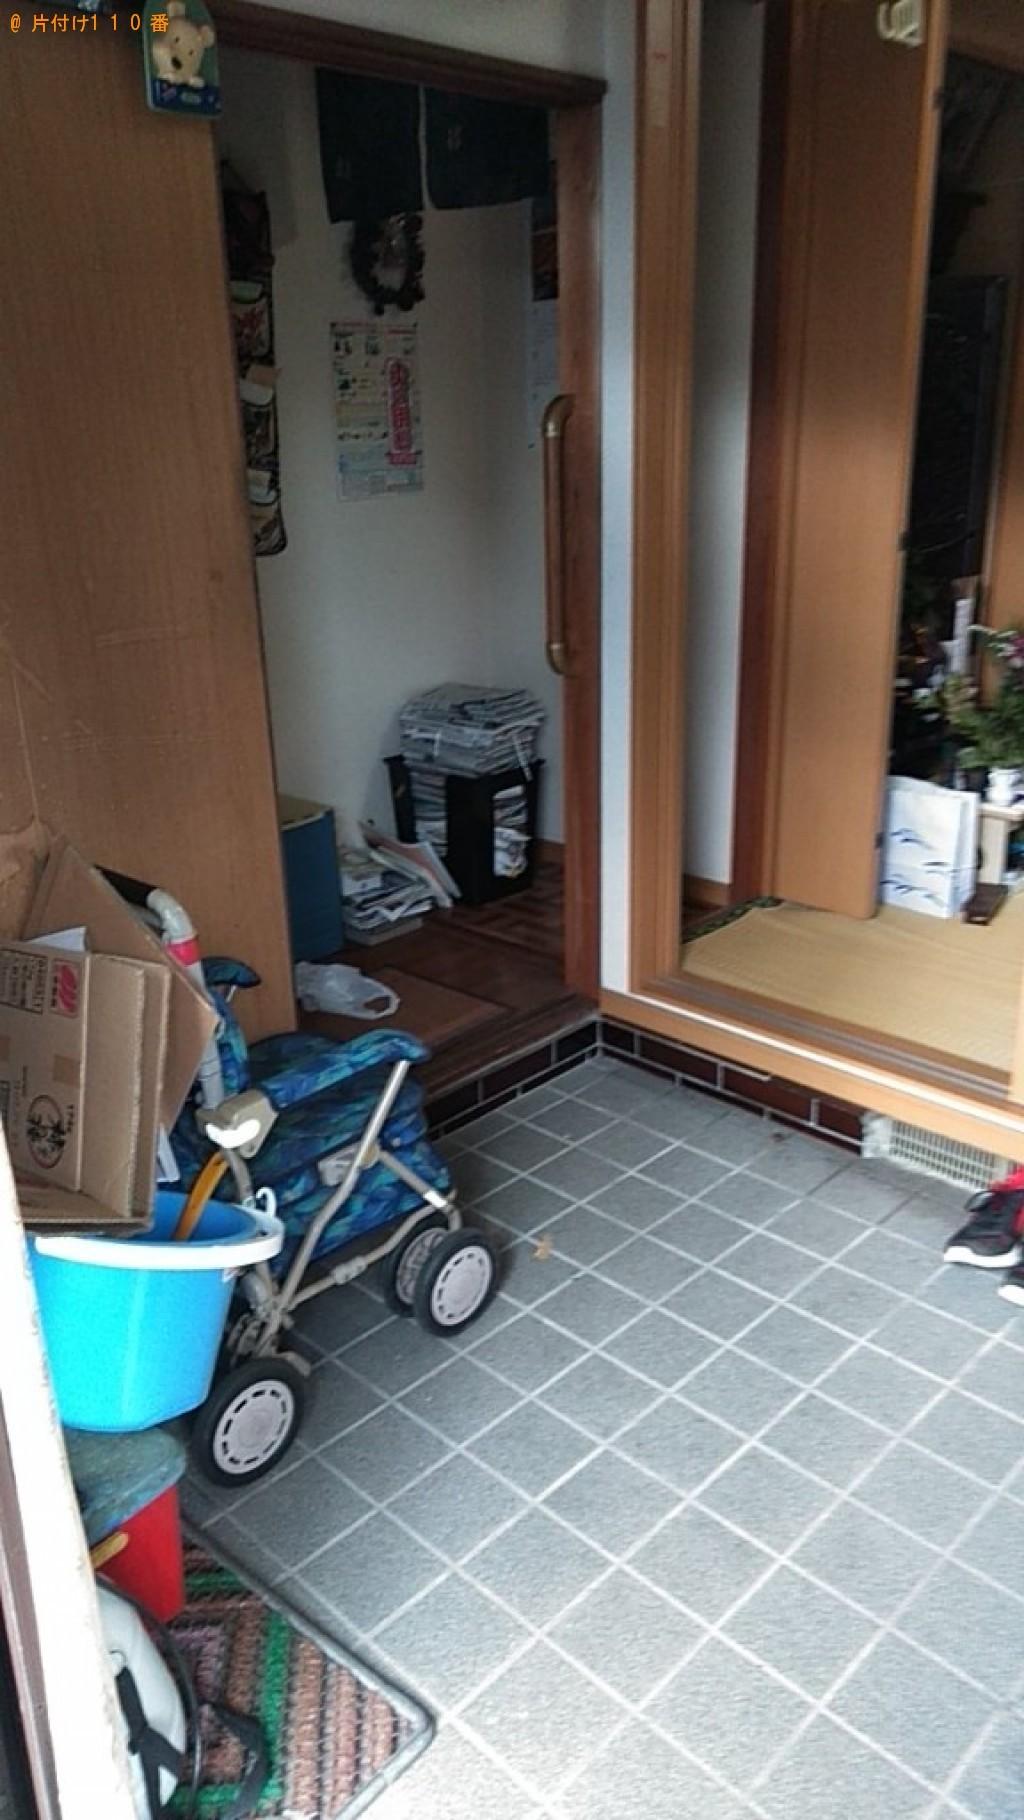 【岩出市】収納ケース、衣類、洗濯機、自転車、一般ごみ等の回収